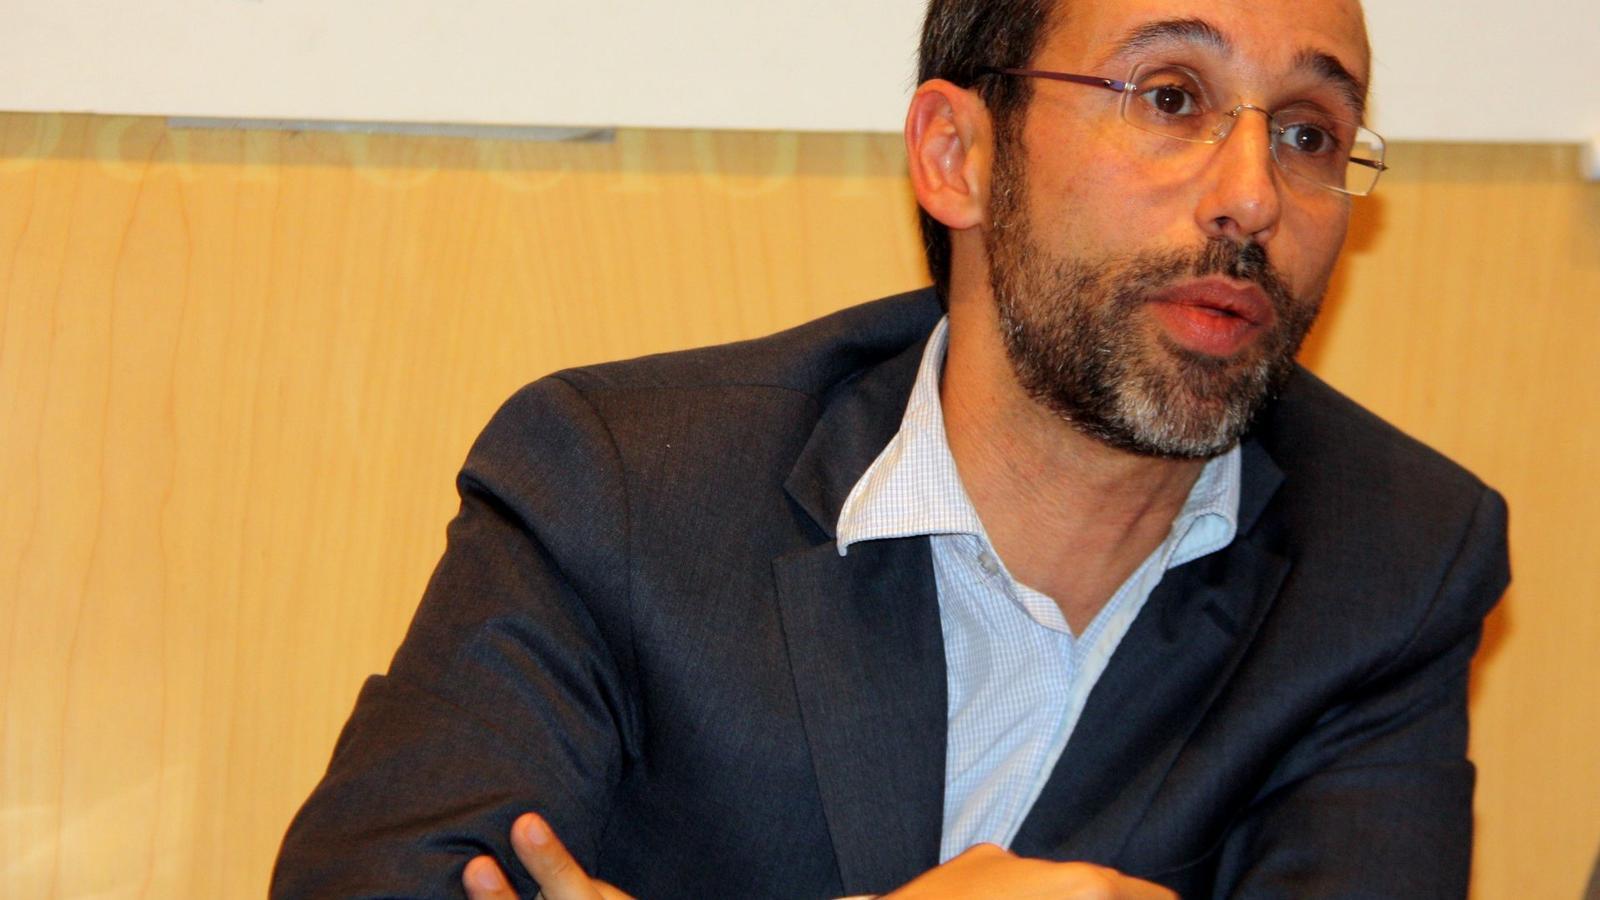 'Transformem l'educació?': conferència del director de la Fundació Bofill a la UdG